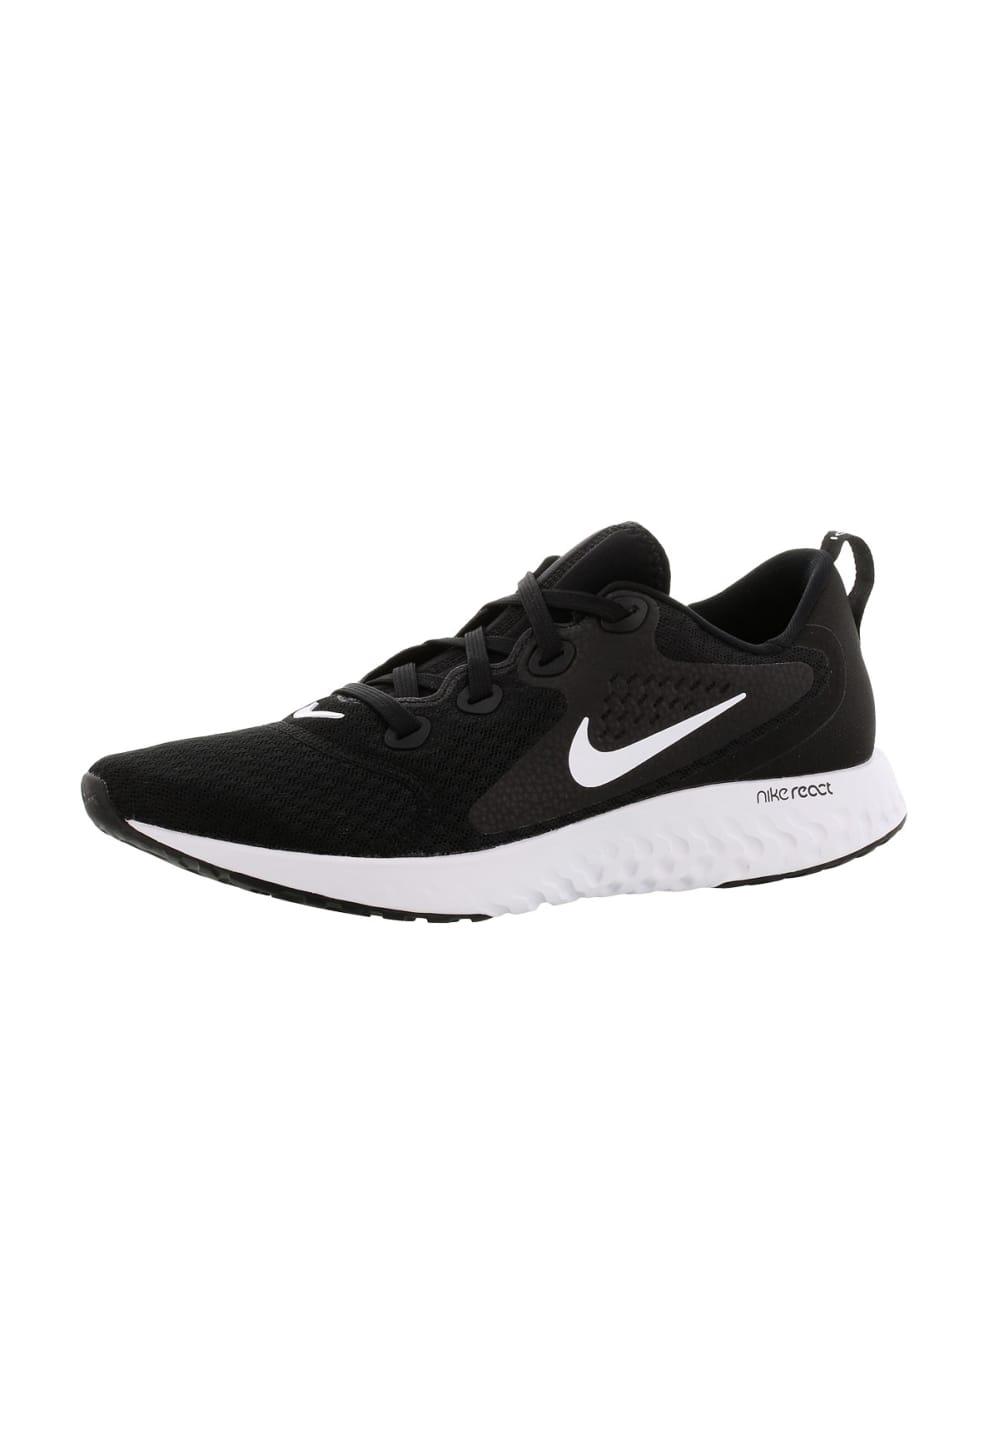 la meilleure attitude 5967a 0bd9a Nike Legend React - Chaussures running pour Femme - Noir